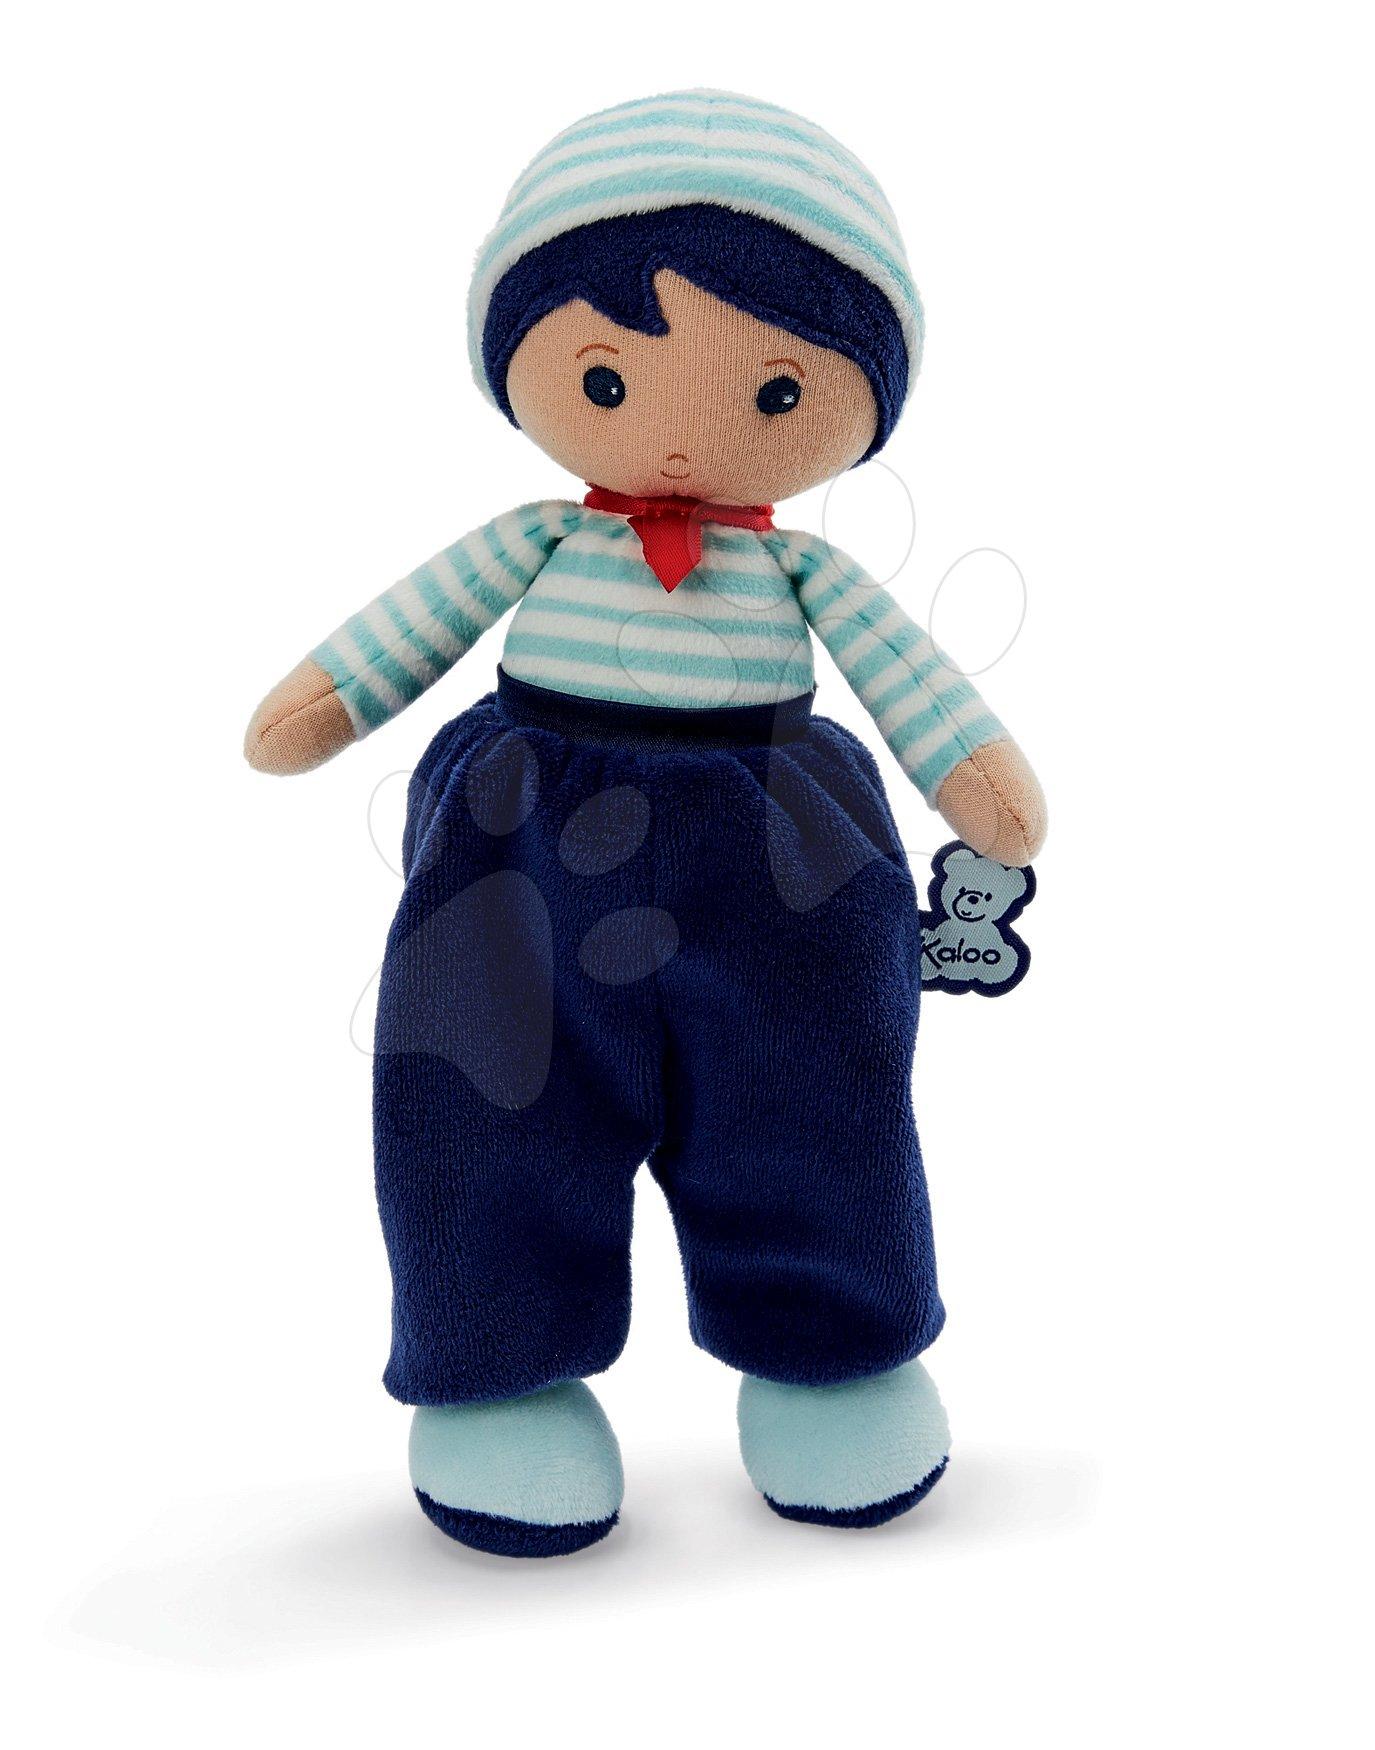 Bábika pre bábätká Eliot K Tendresse Kaloo 25 cm v semišových nohaviciach z jemného textilu v darčekovom balení od 0 mes